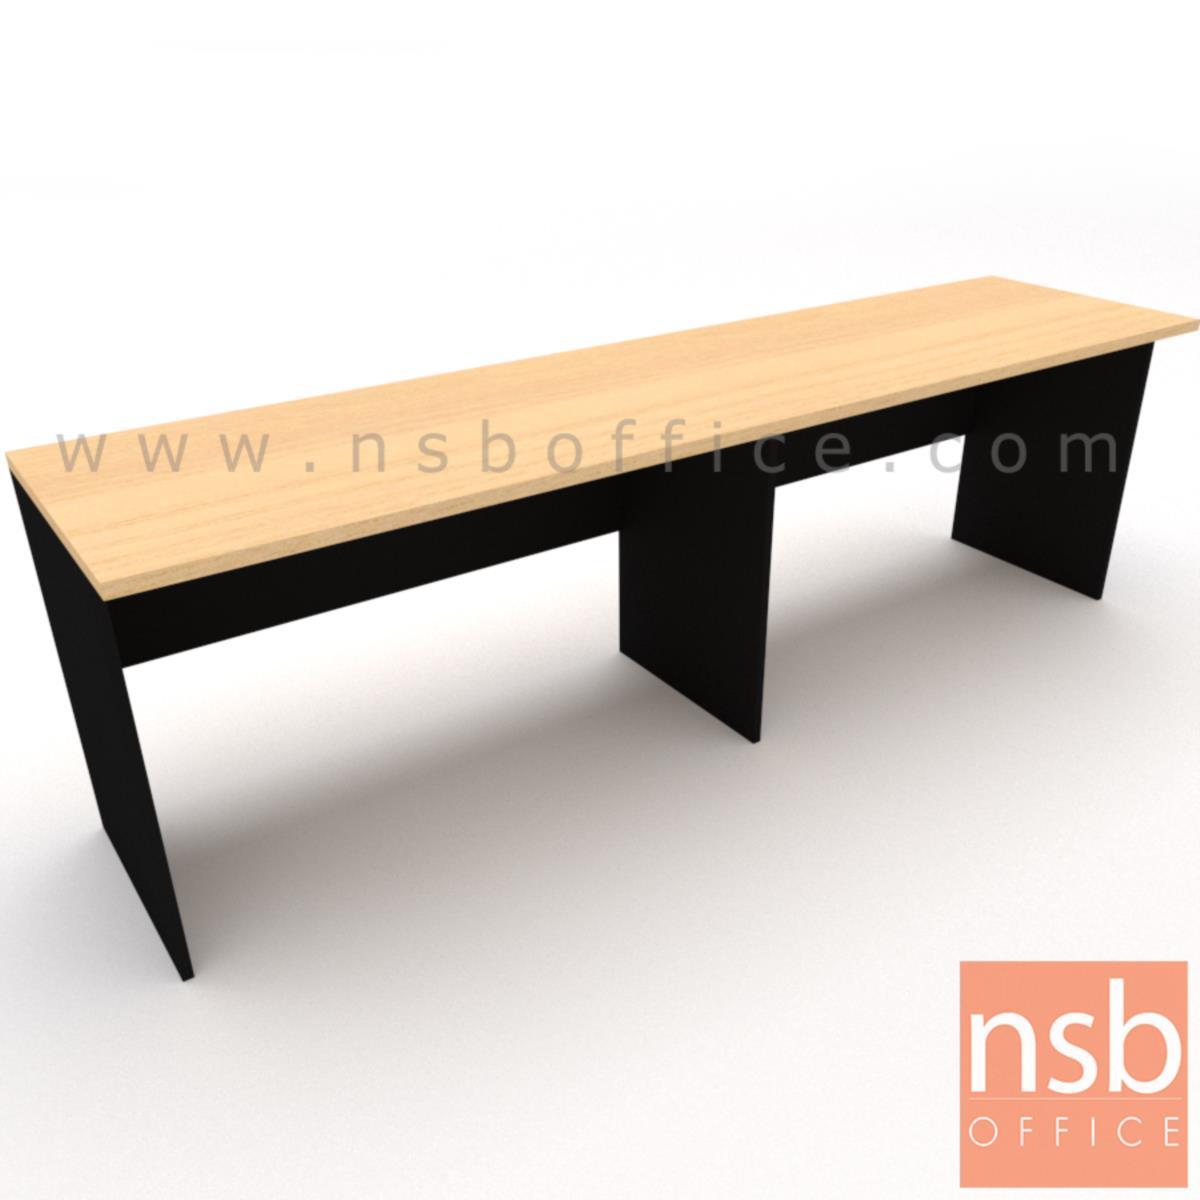 A05A145:โต๊ะประชุม 3 ที่นั่ง  ขนาด 240W*75D cm.   Top ยื่น 10 cm. เมลามีน